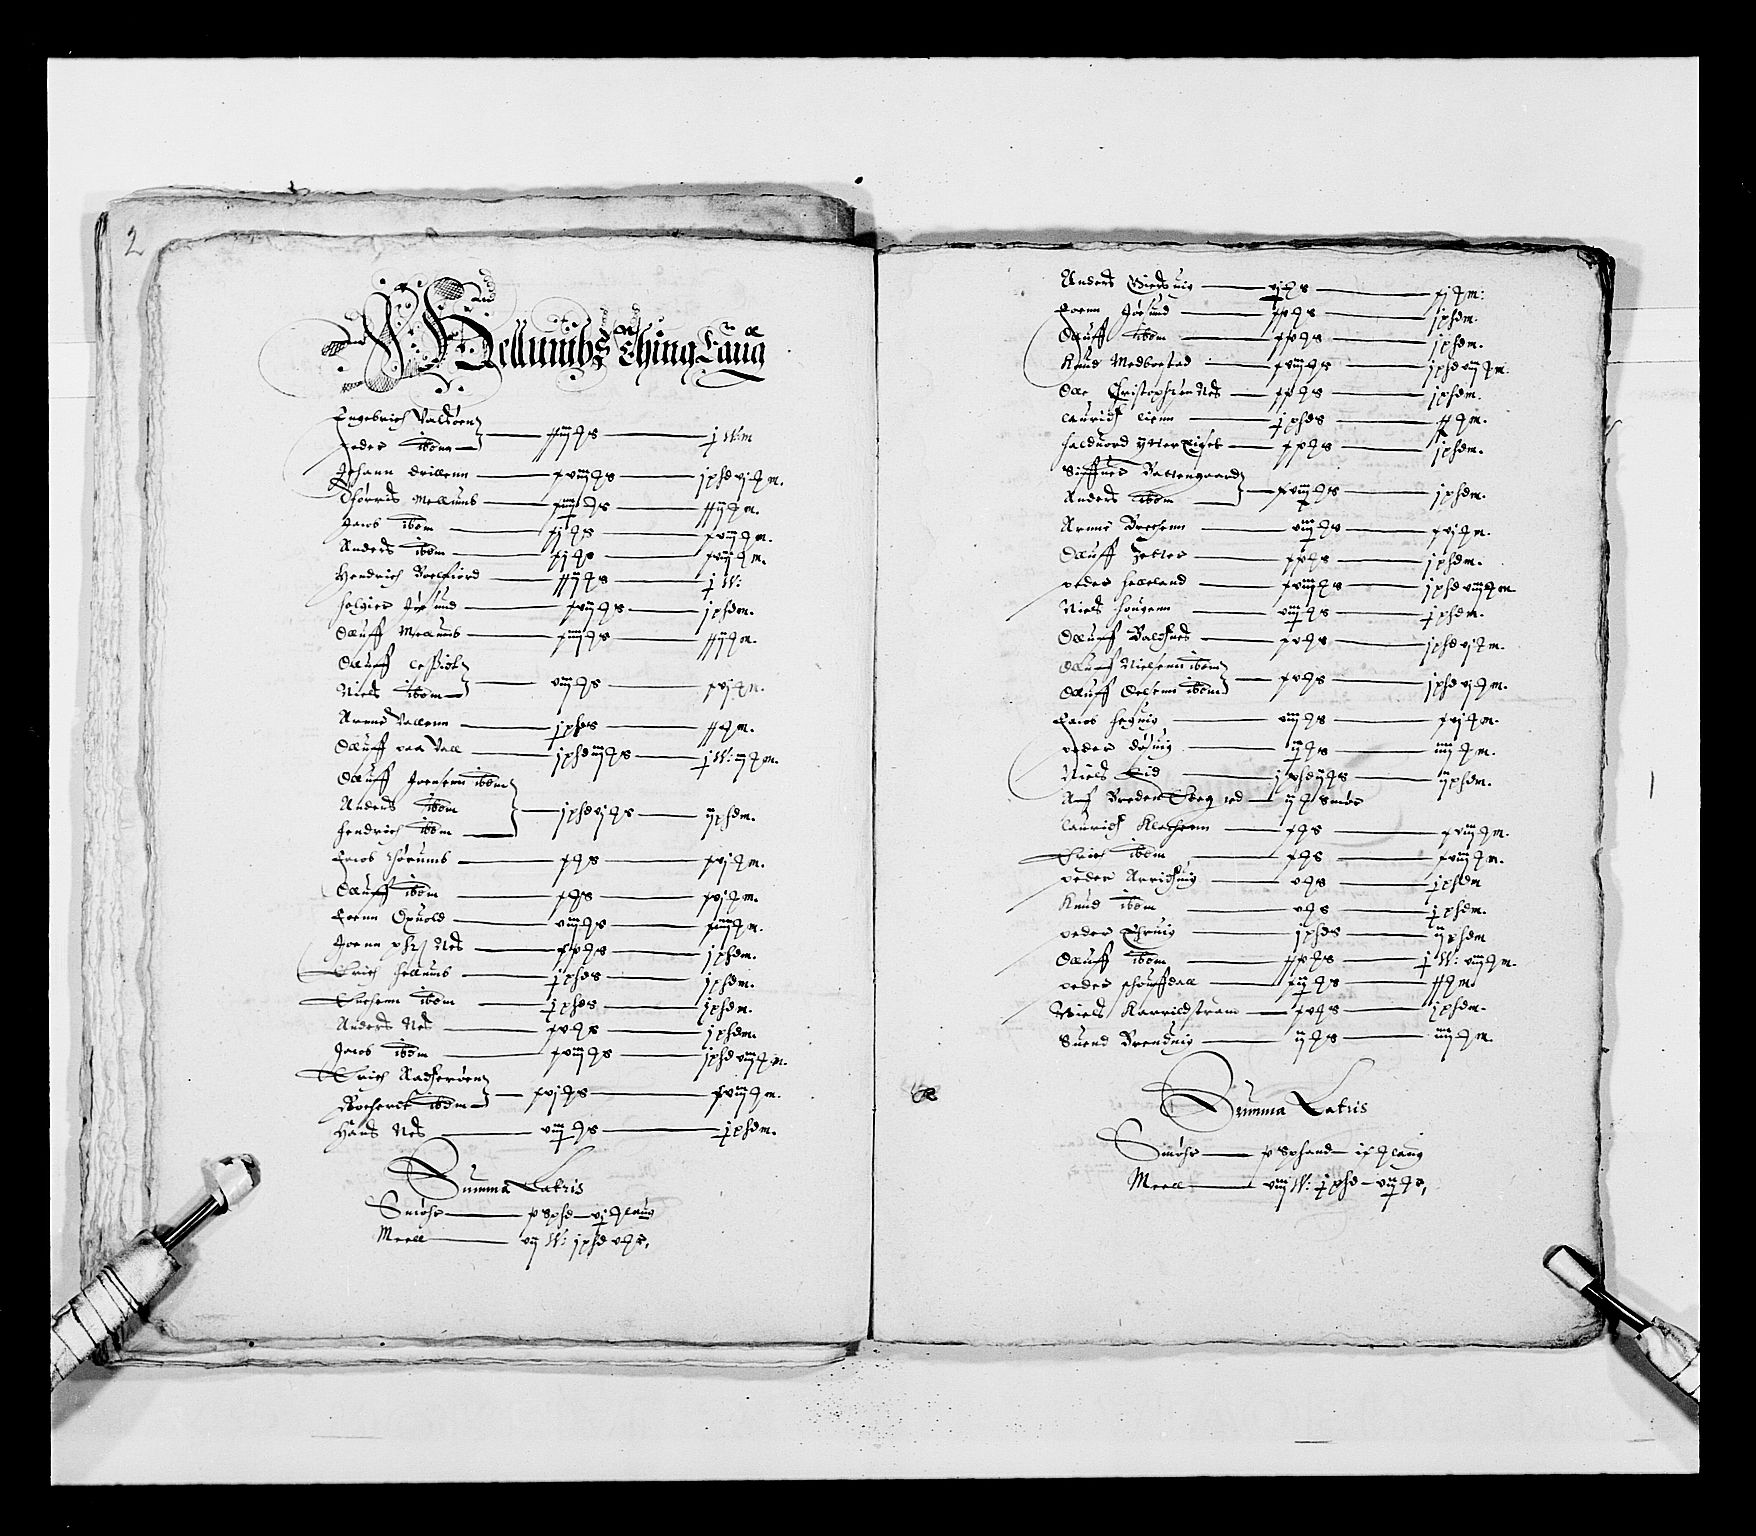 RA, Stattholderembetet 1572-1771, Ek/L0028: Jordebøker 1633-1658:, 1645-1646, s. 57